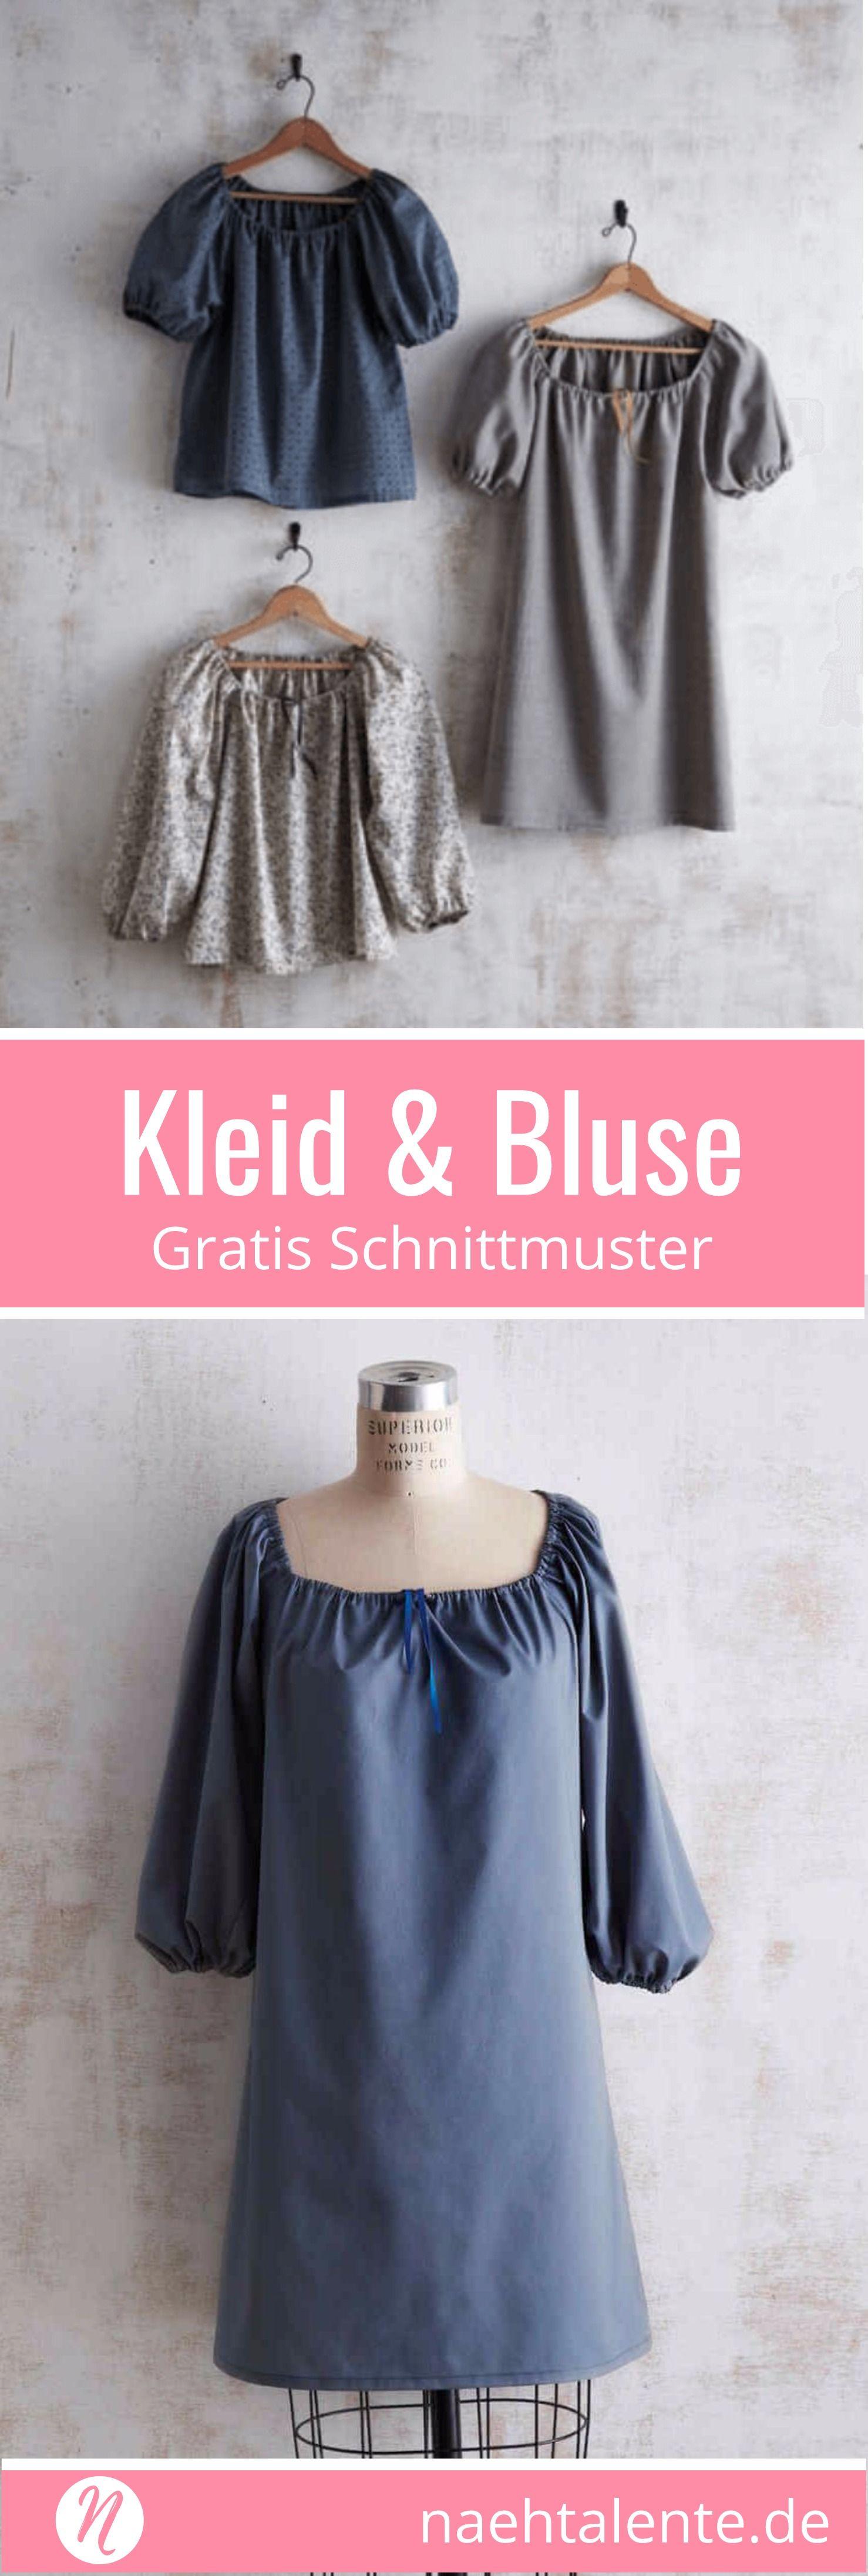 Kleid und Bluse mit gerafftem Ausschnitt | Gratis schnittmuster, Für ...